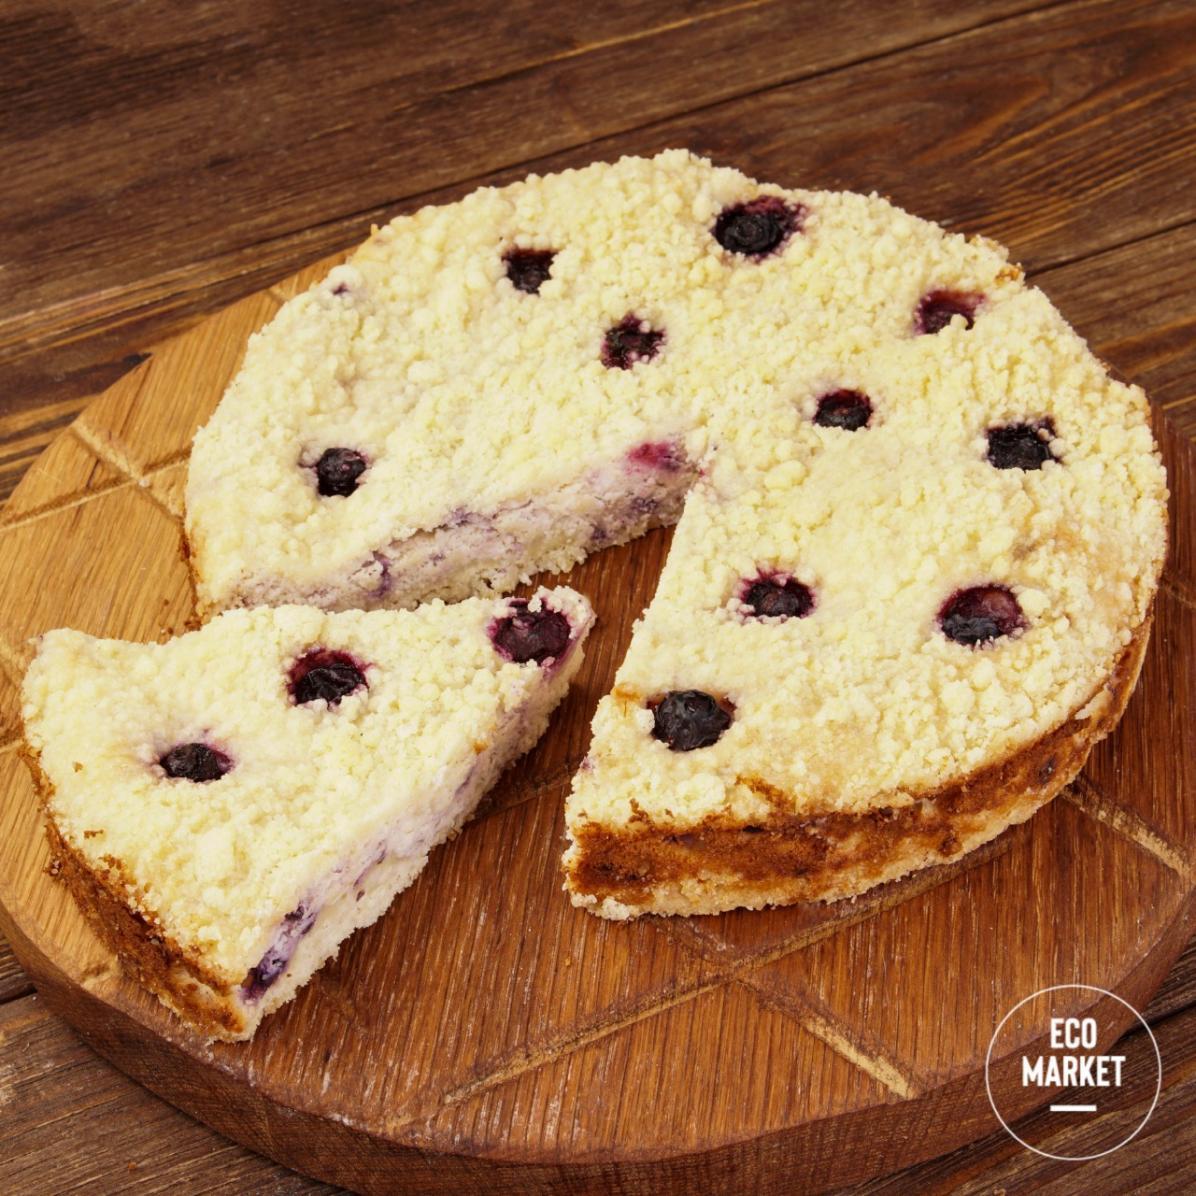 Пирог с фермерским творогом и черникой и голубикой Ecomarket.ru - 500 г